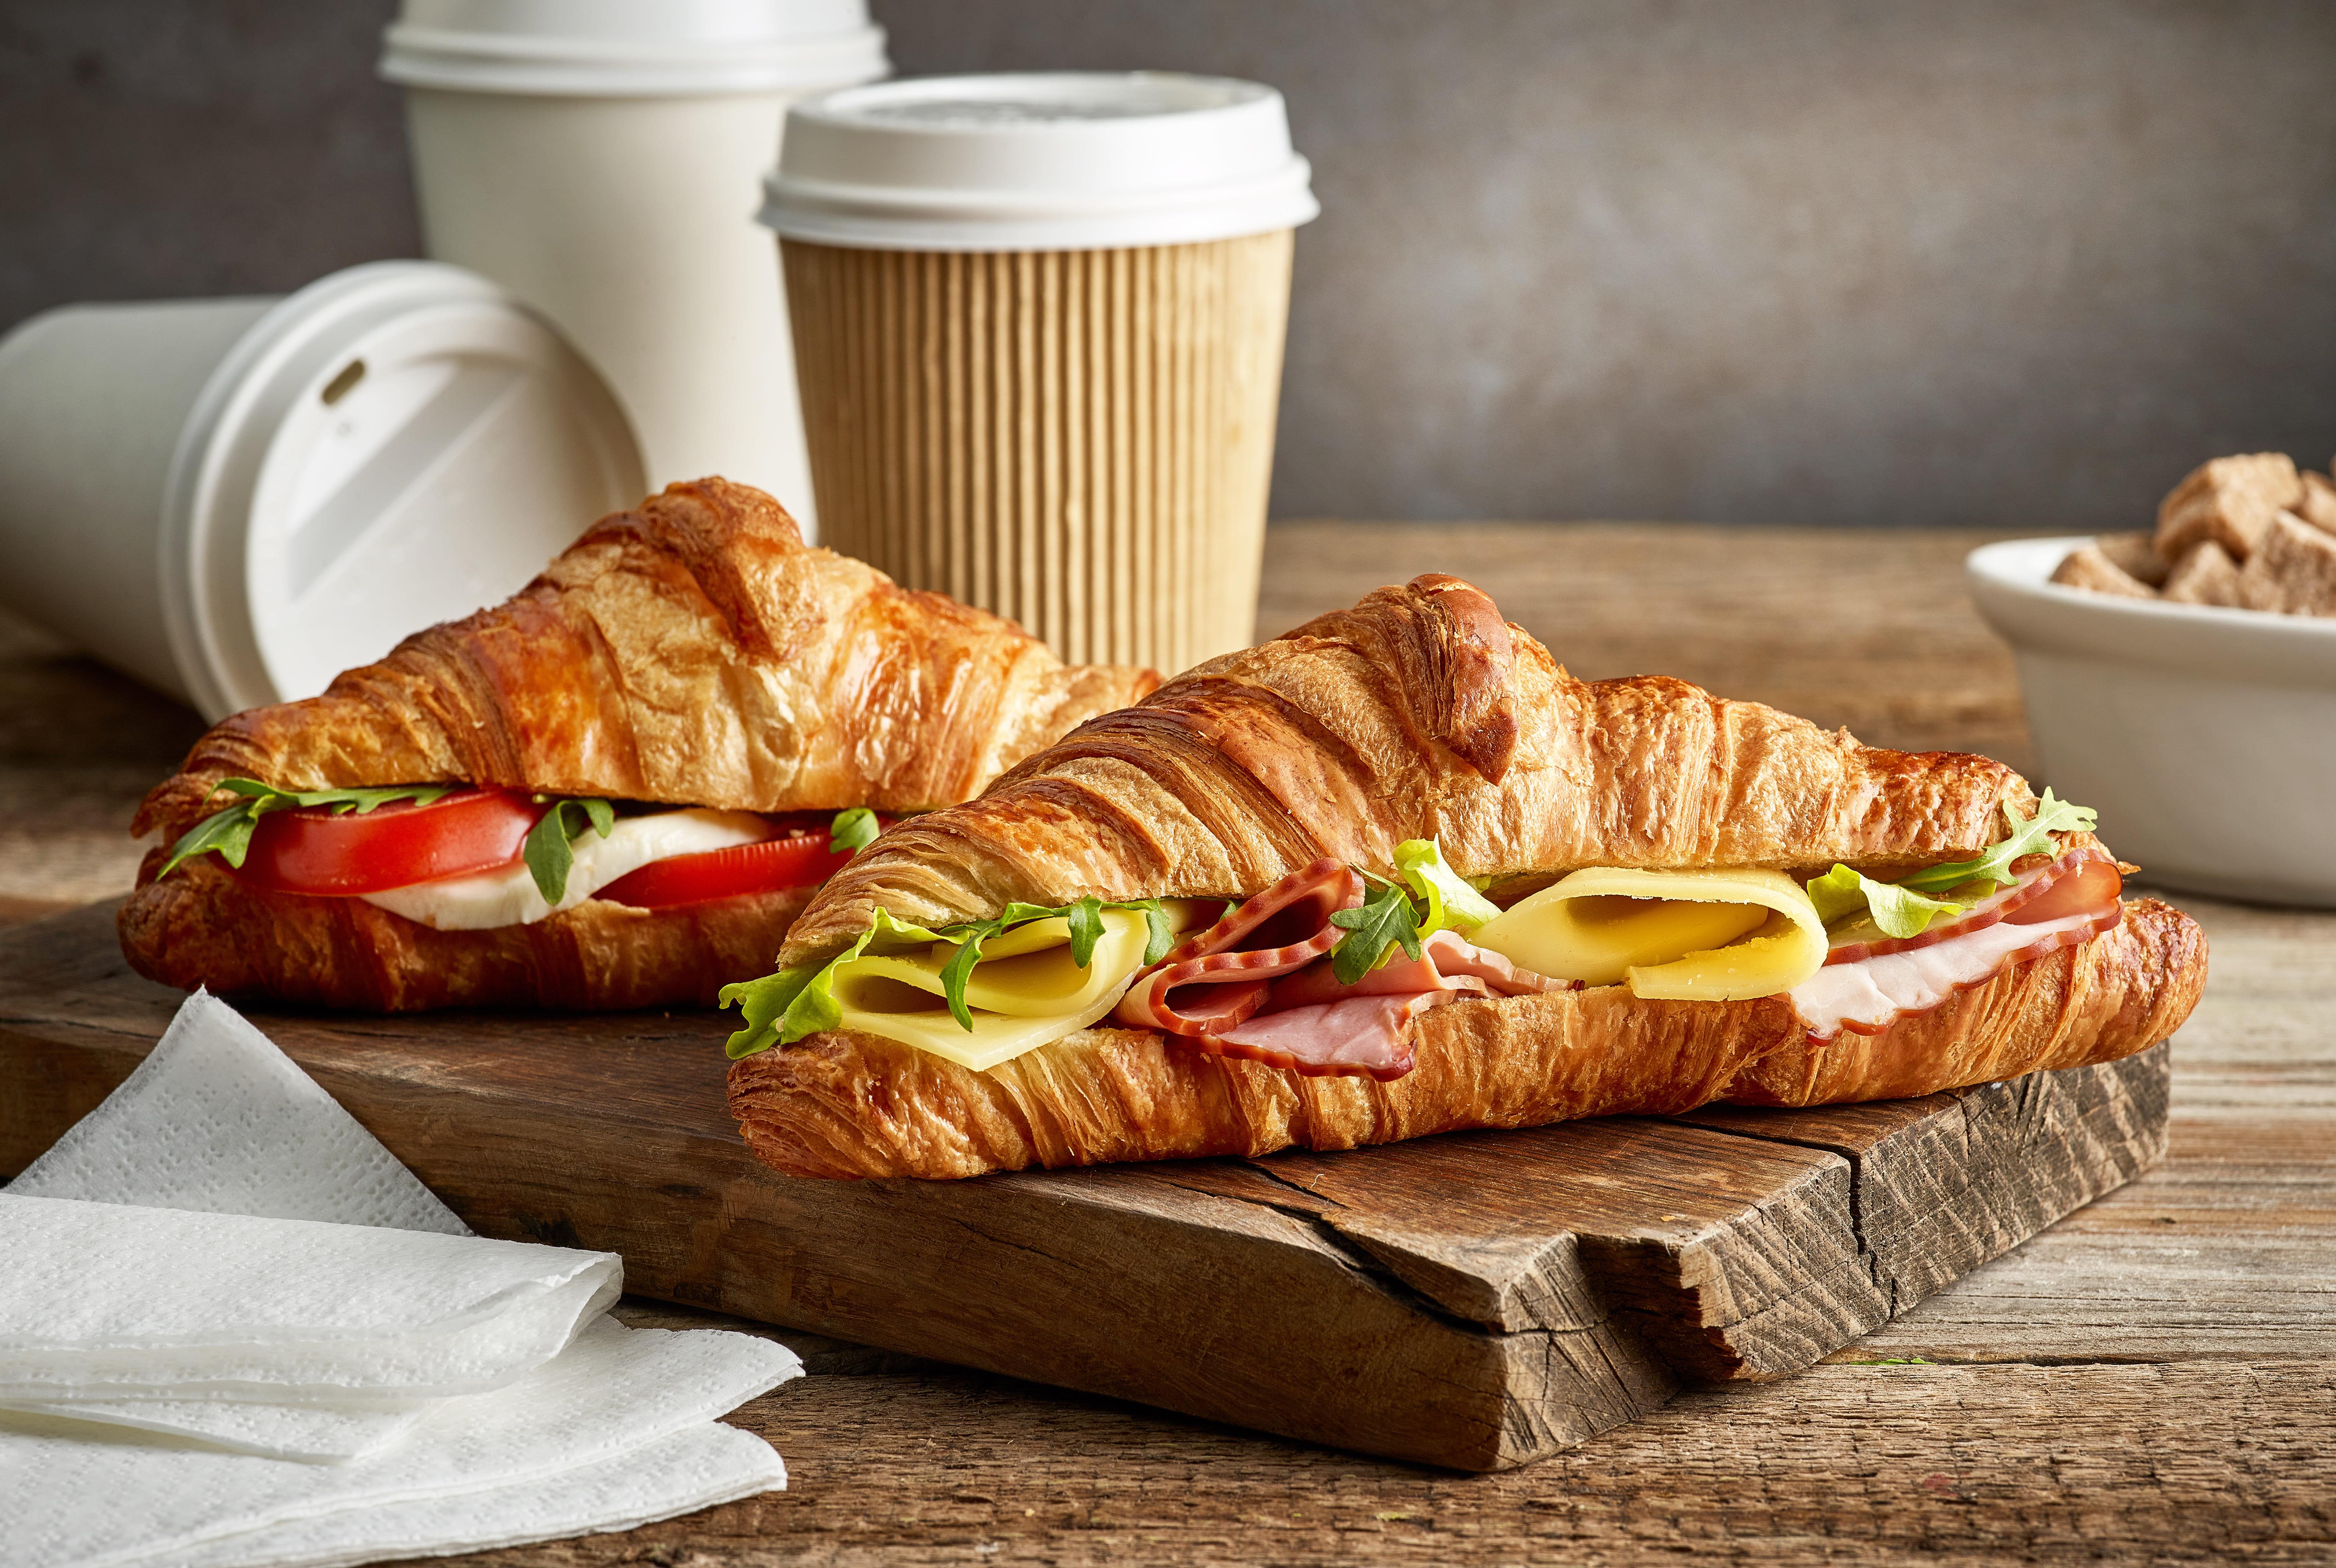 Imagem de dois croissant para remeter ao empreendedor que deseja abrir uma croissanteria